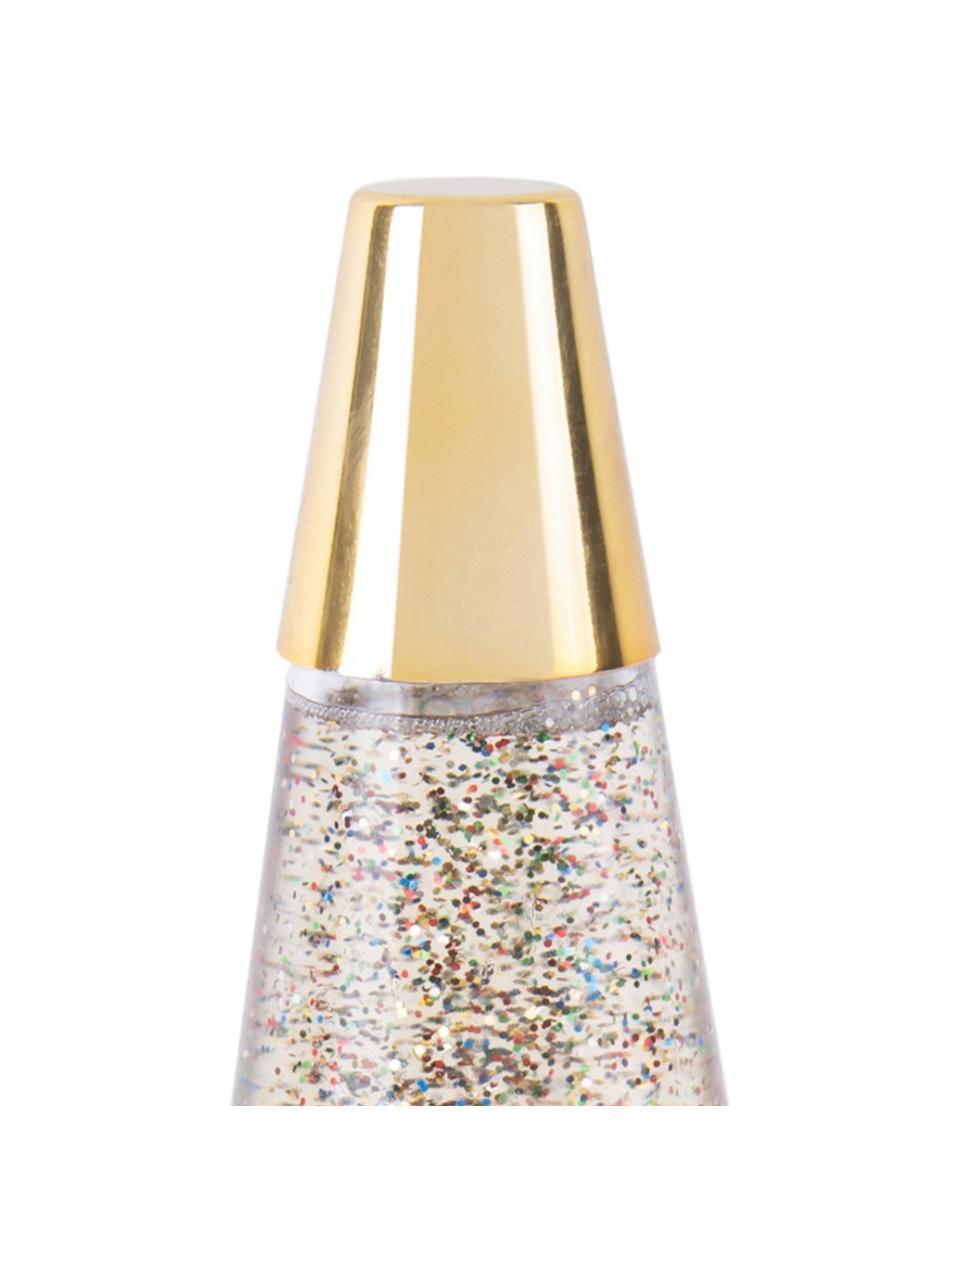 Lampada da tavolo dorata Glitter, Lampada: metallo rivestito, Dorato, Ø 10 x Alt. 37 cm